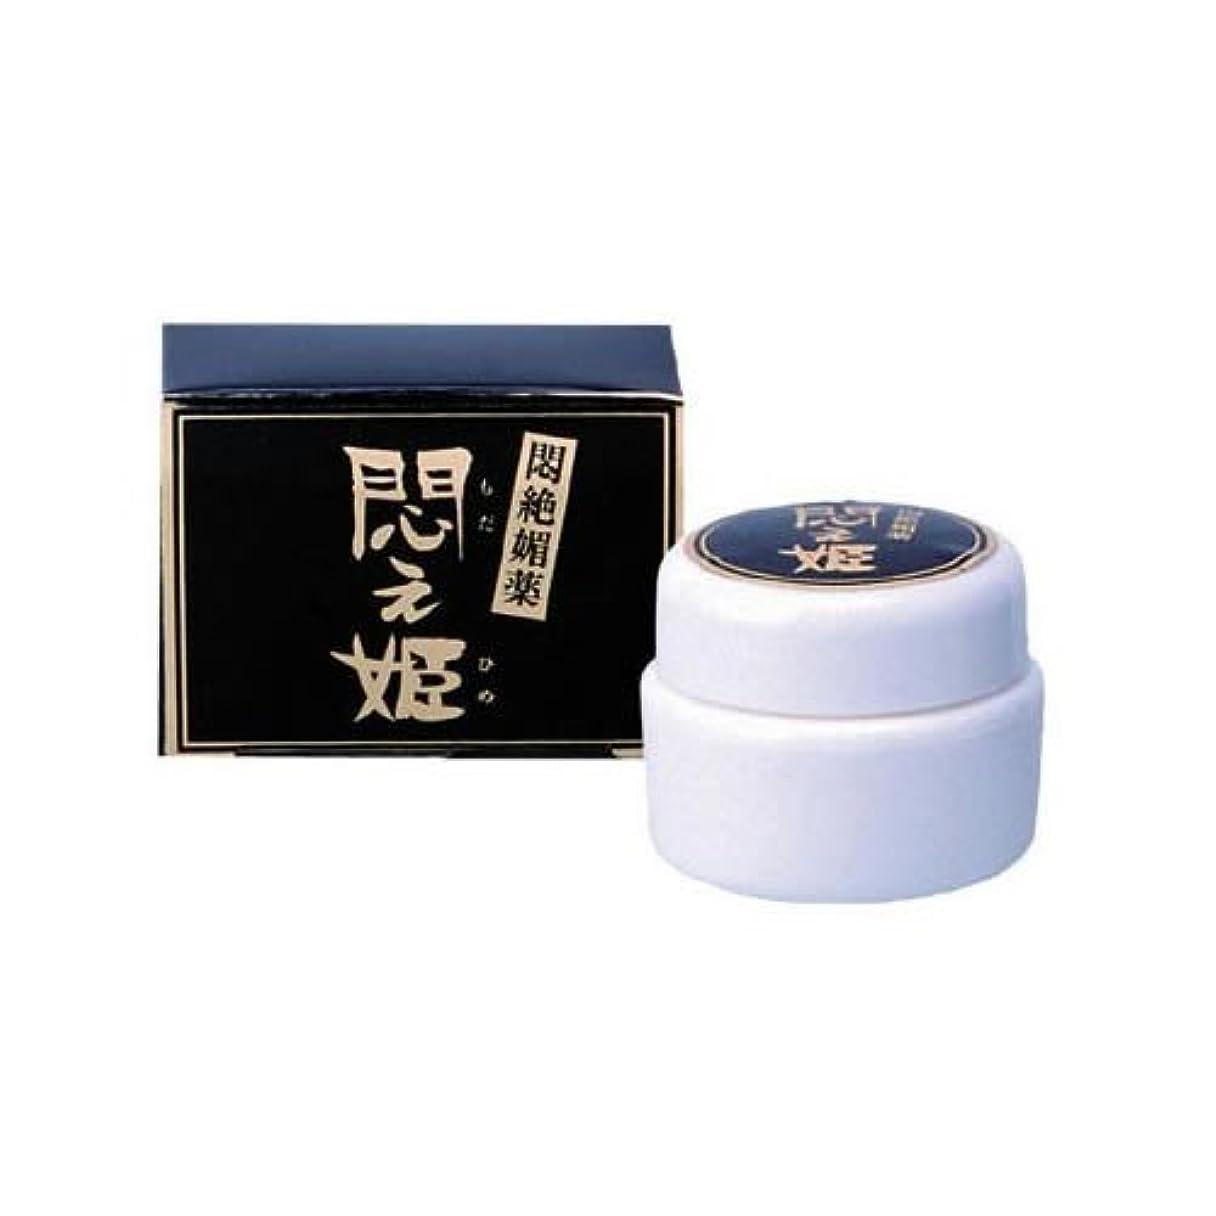 怒りメロディー脚本家悶え姫(5g)